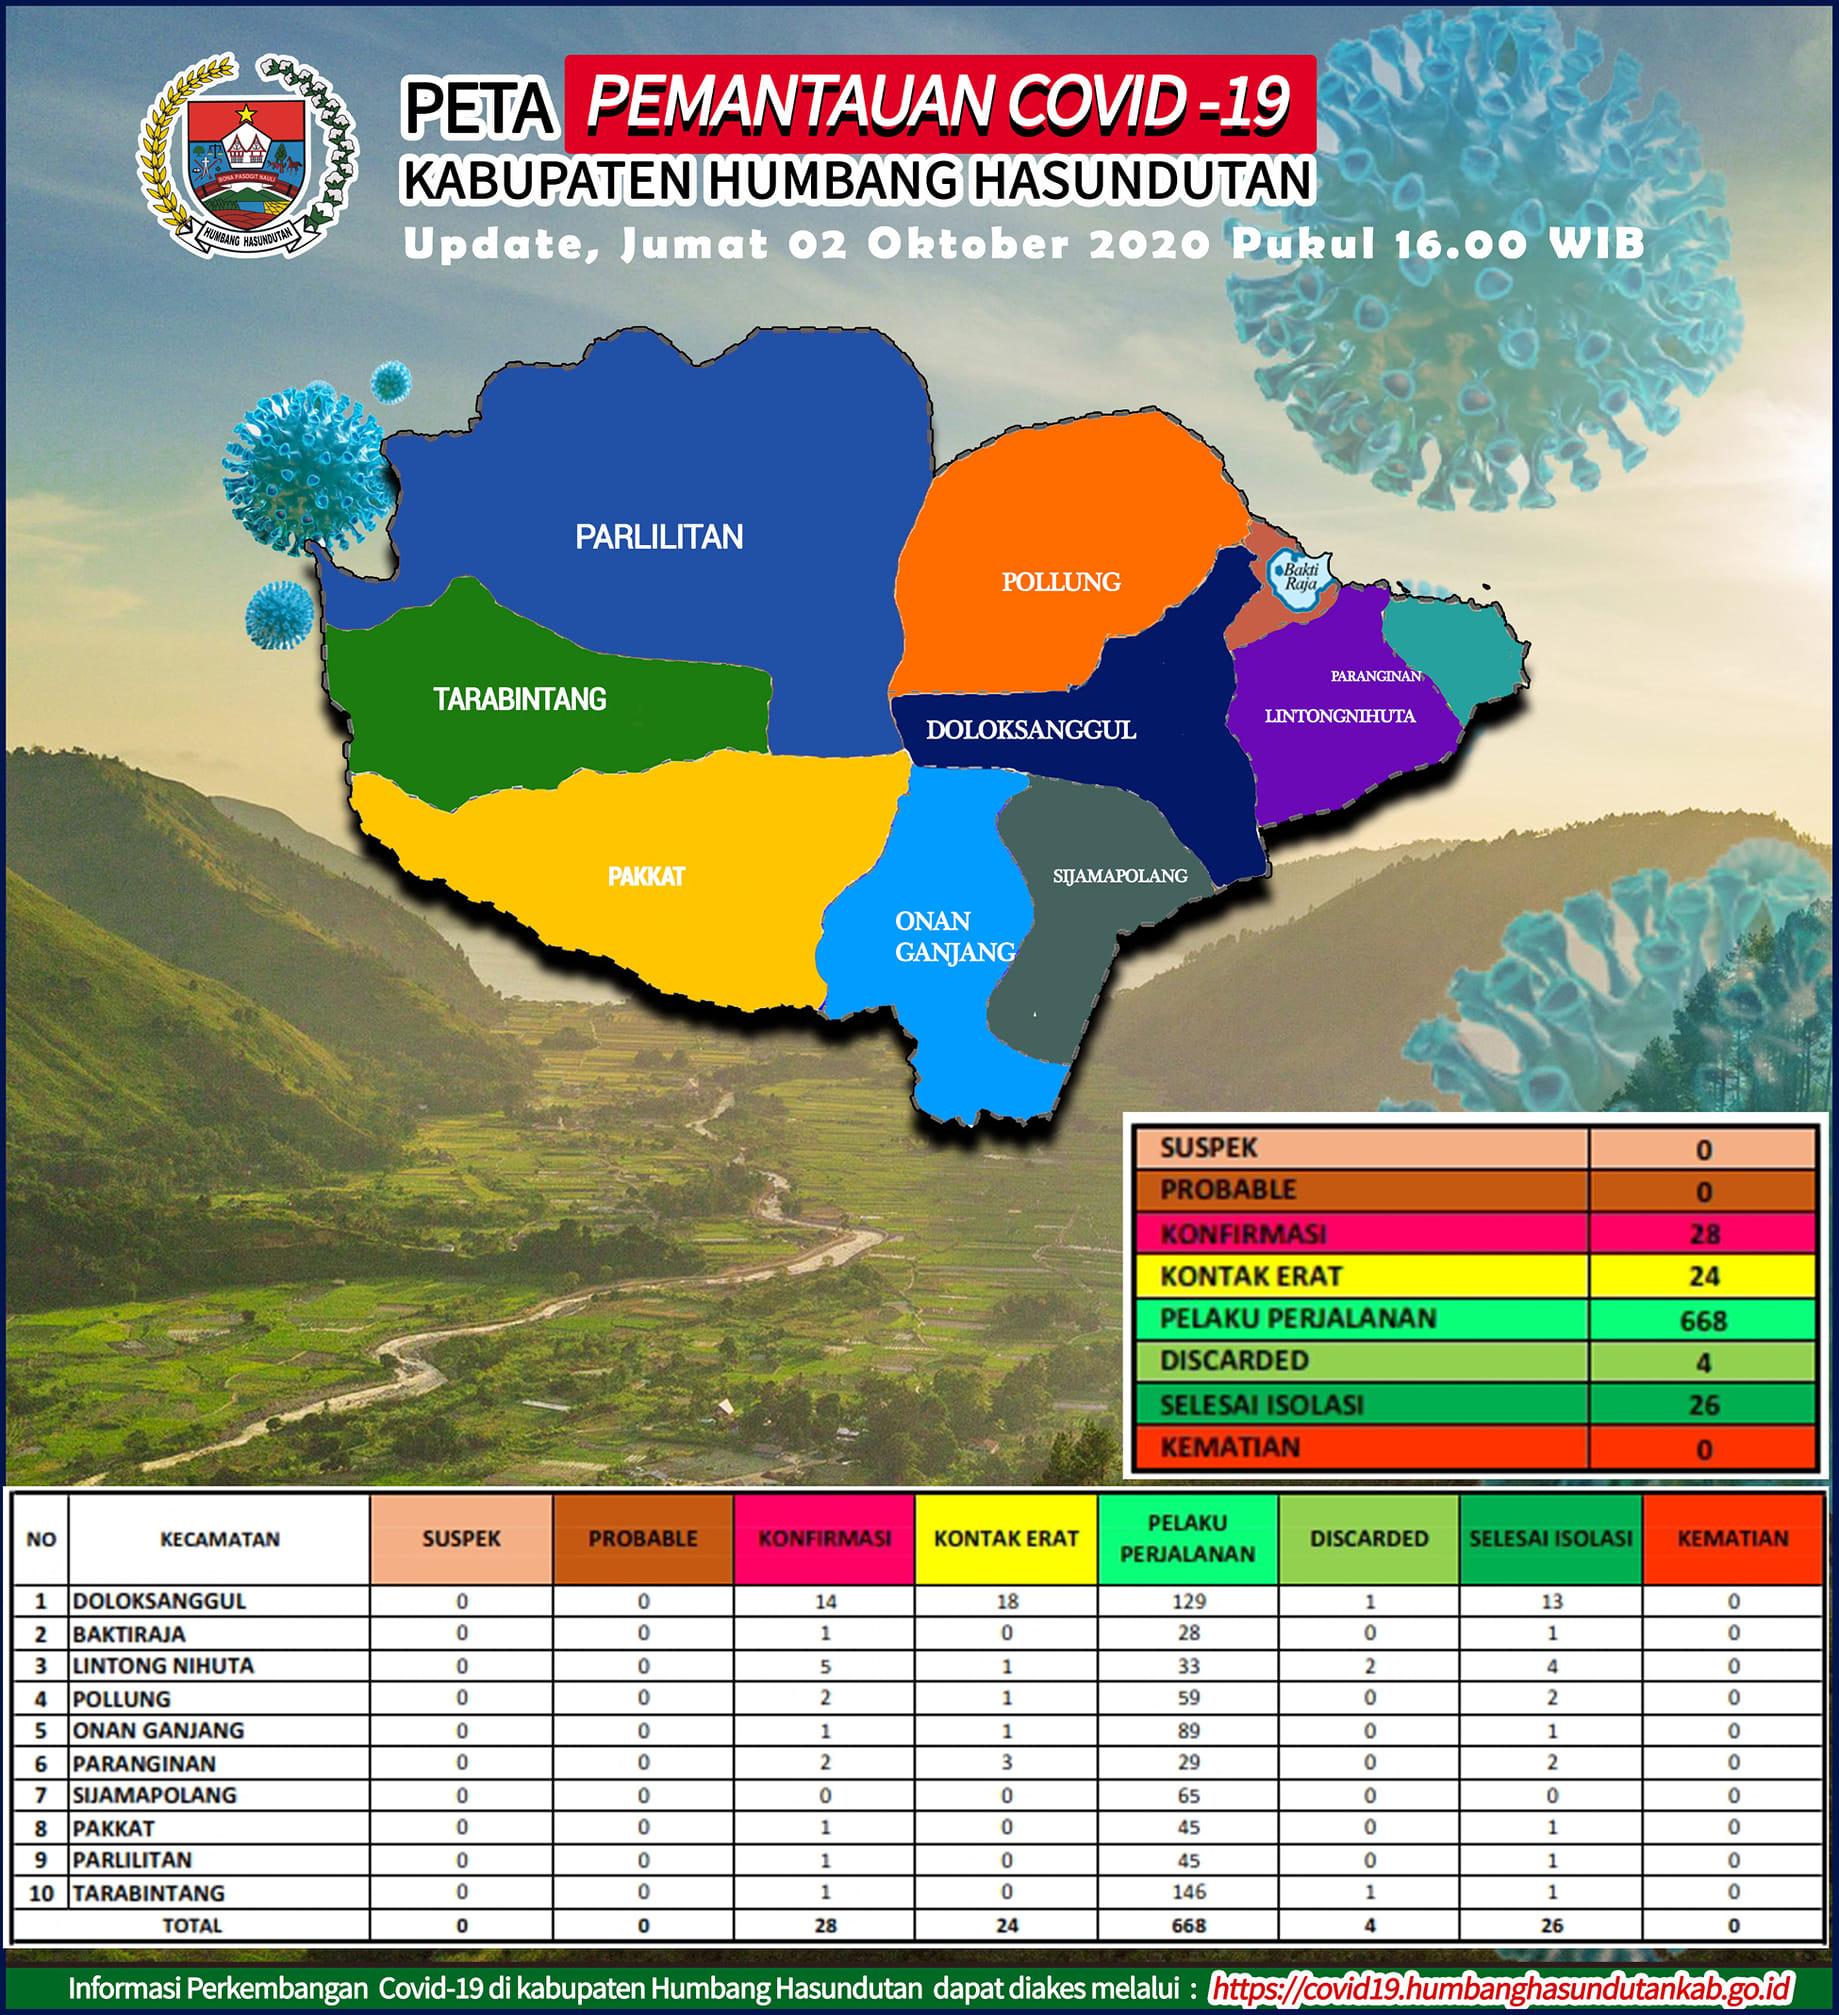 Peta Pemantauan Covid-19 Pemerintah Kabupaten Humbang Hasundutan Tanggal 2 Oktober 2020 s/d pukul 16.00 WIB